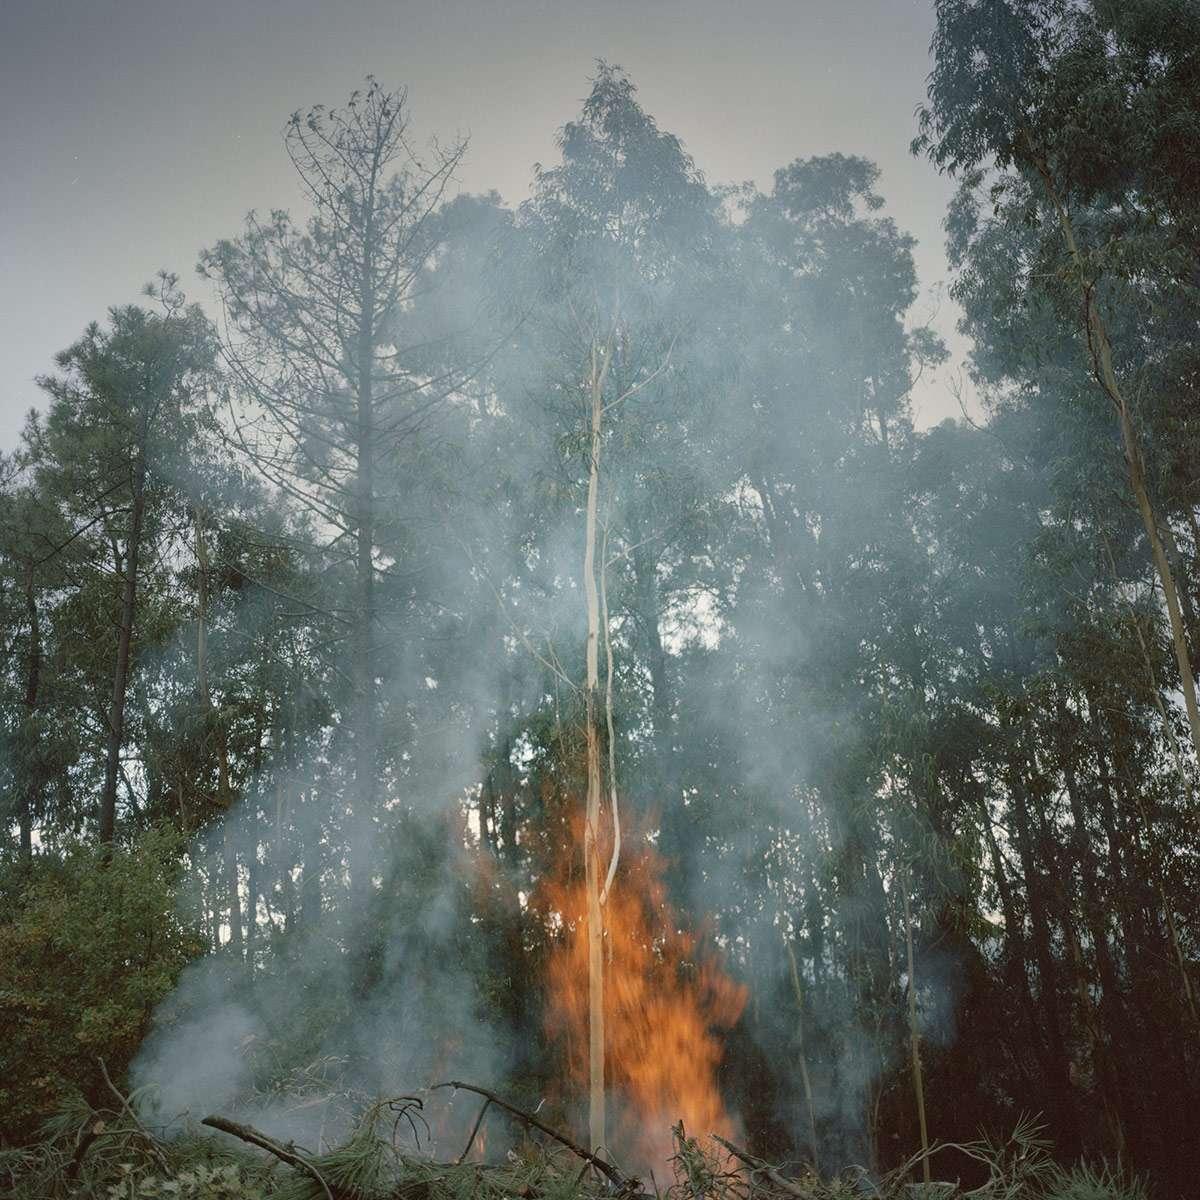 L'activité papetière est importante au Portugal. Eucalyptus et feux de forêts, une mission photographique de Juan Manuel Castro Prieto